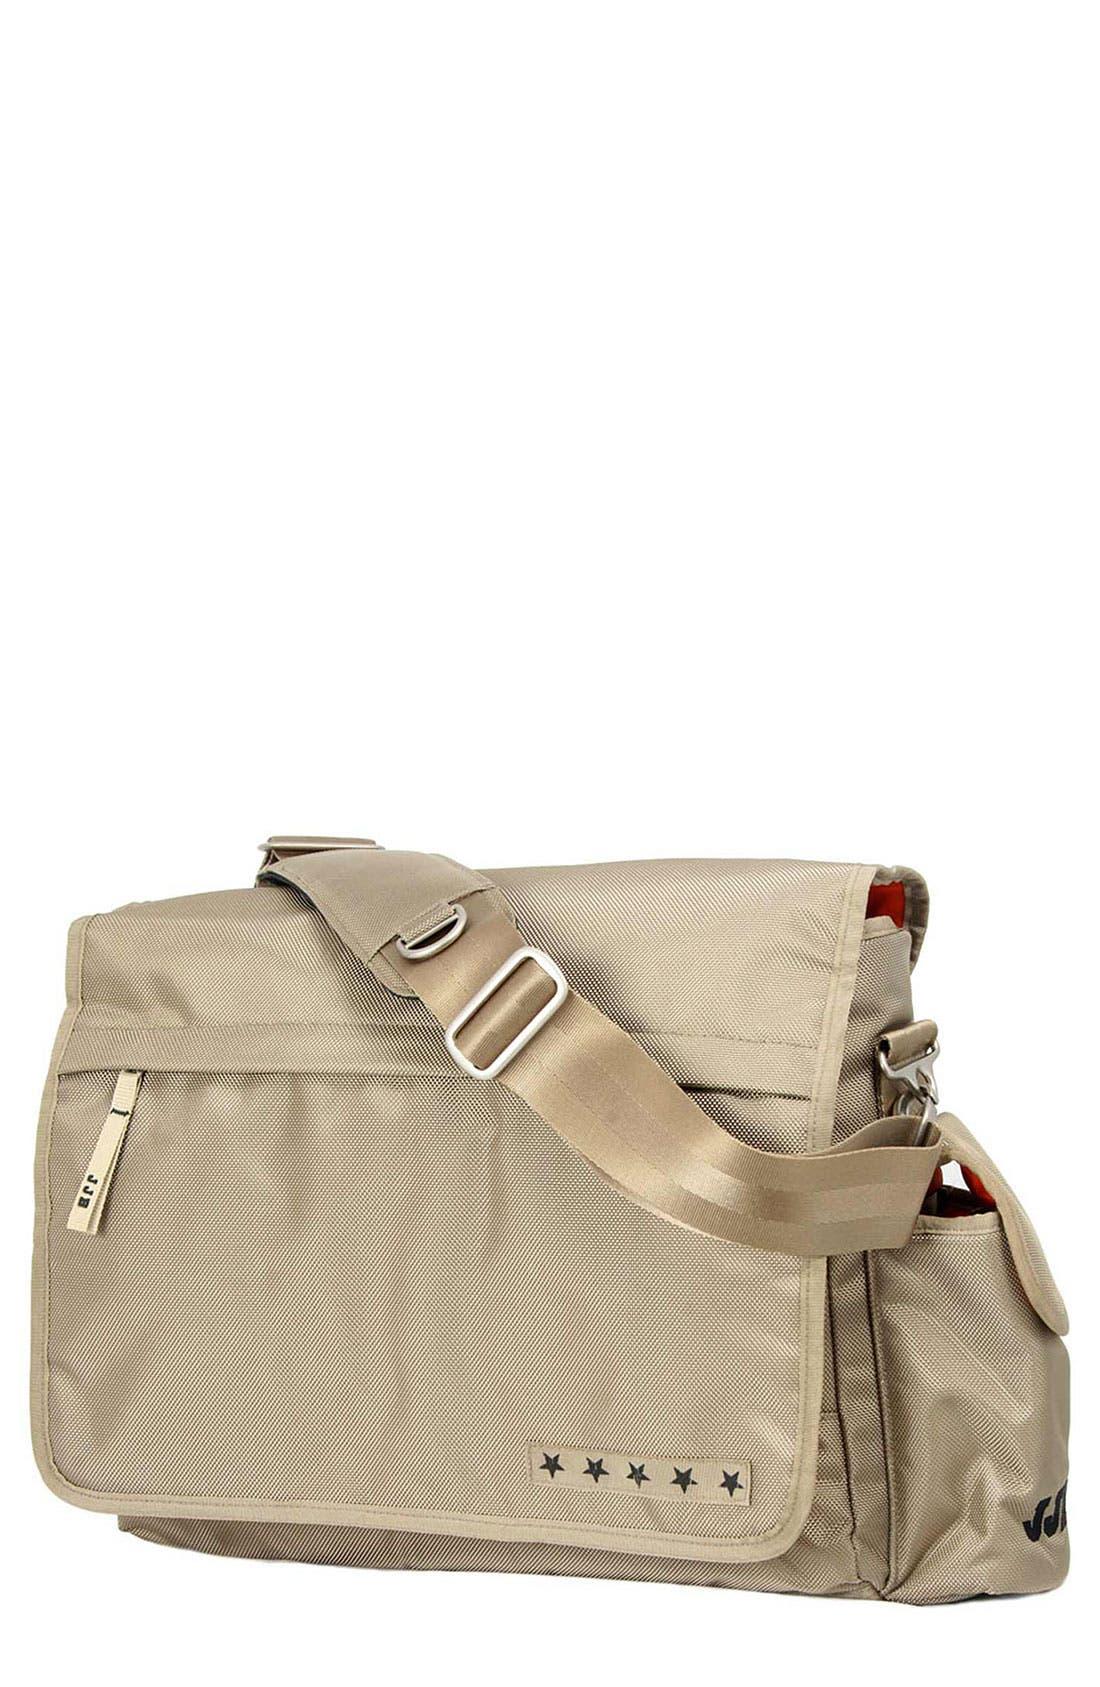 Alternate Image 1 Selected - Ju-Ju-Be Diaper Messenger Bag